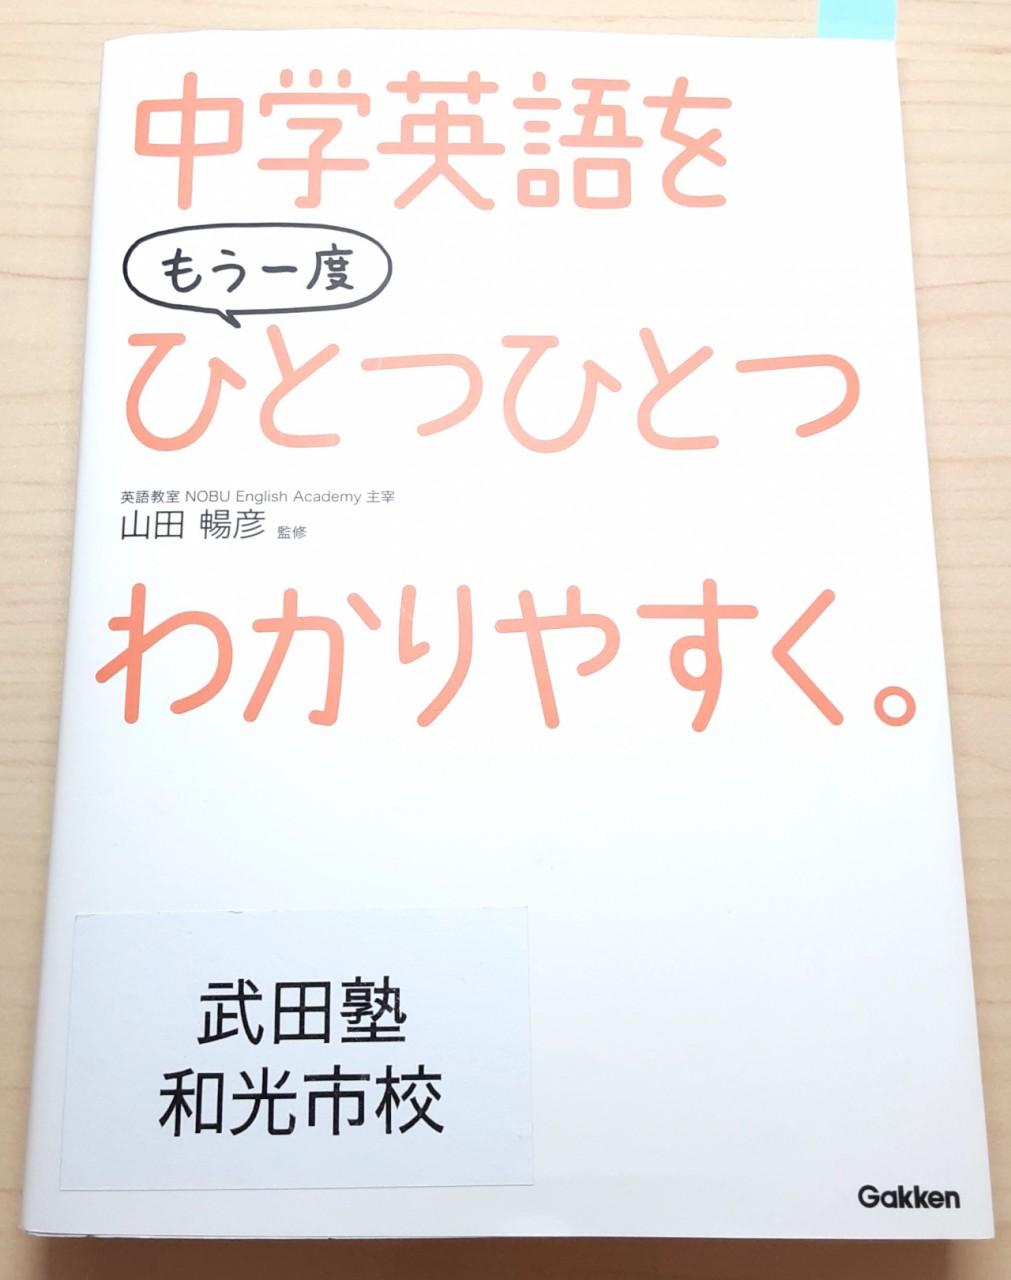 中学参考書 - コピー1